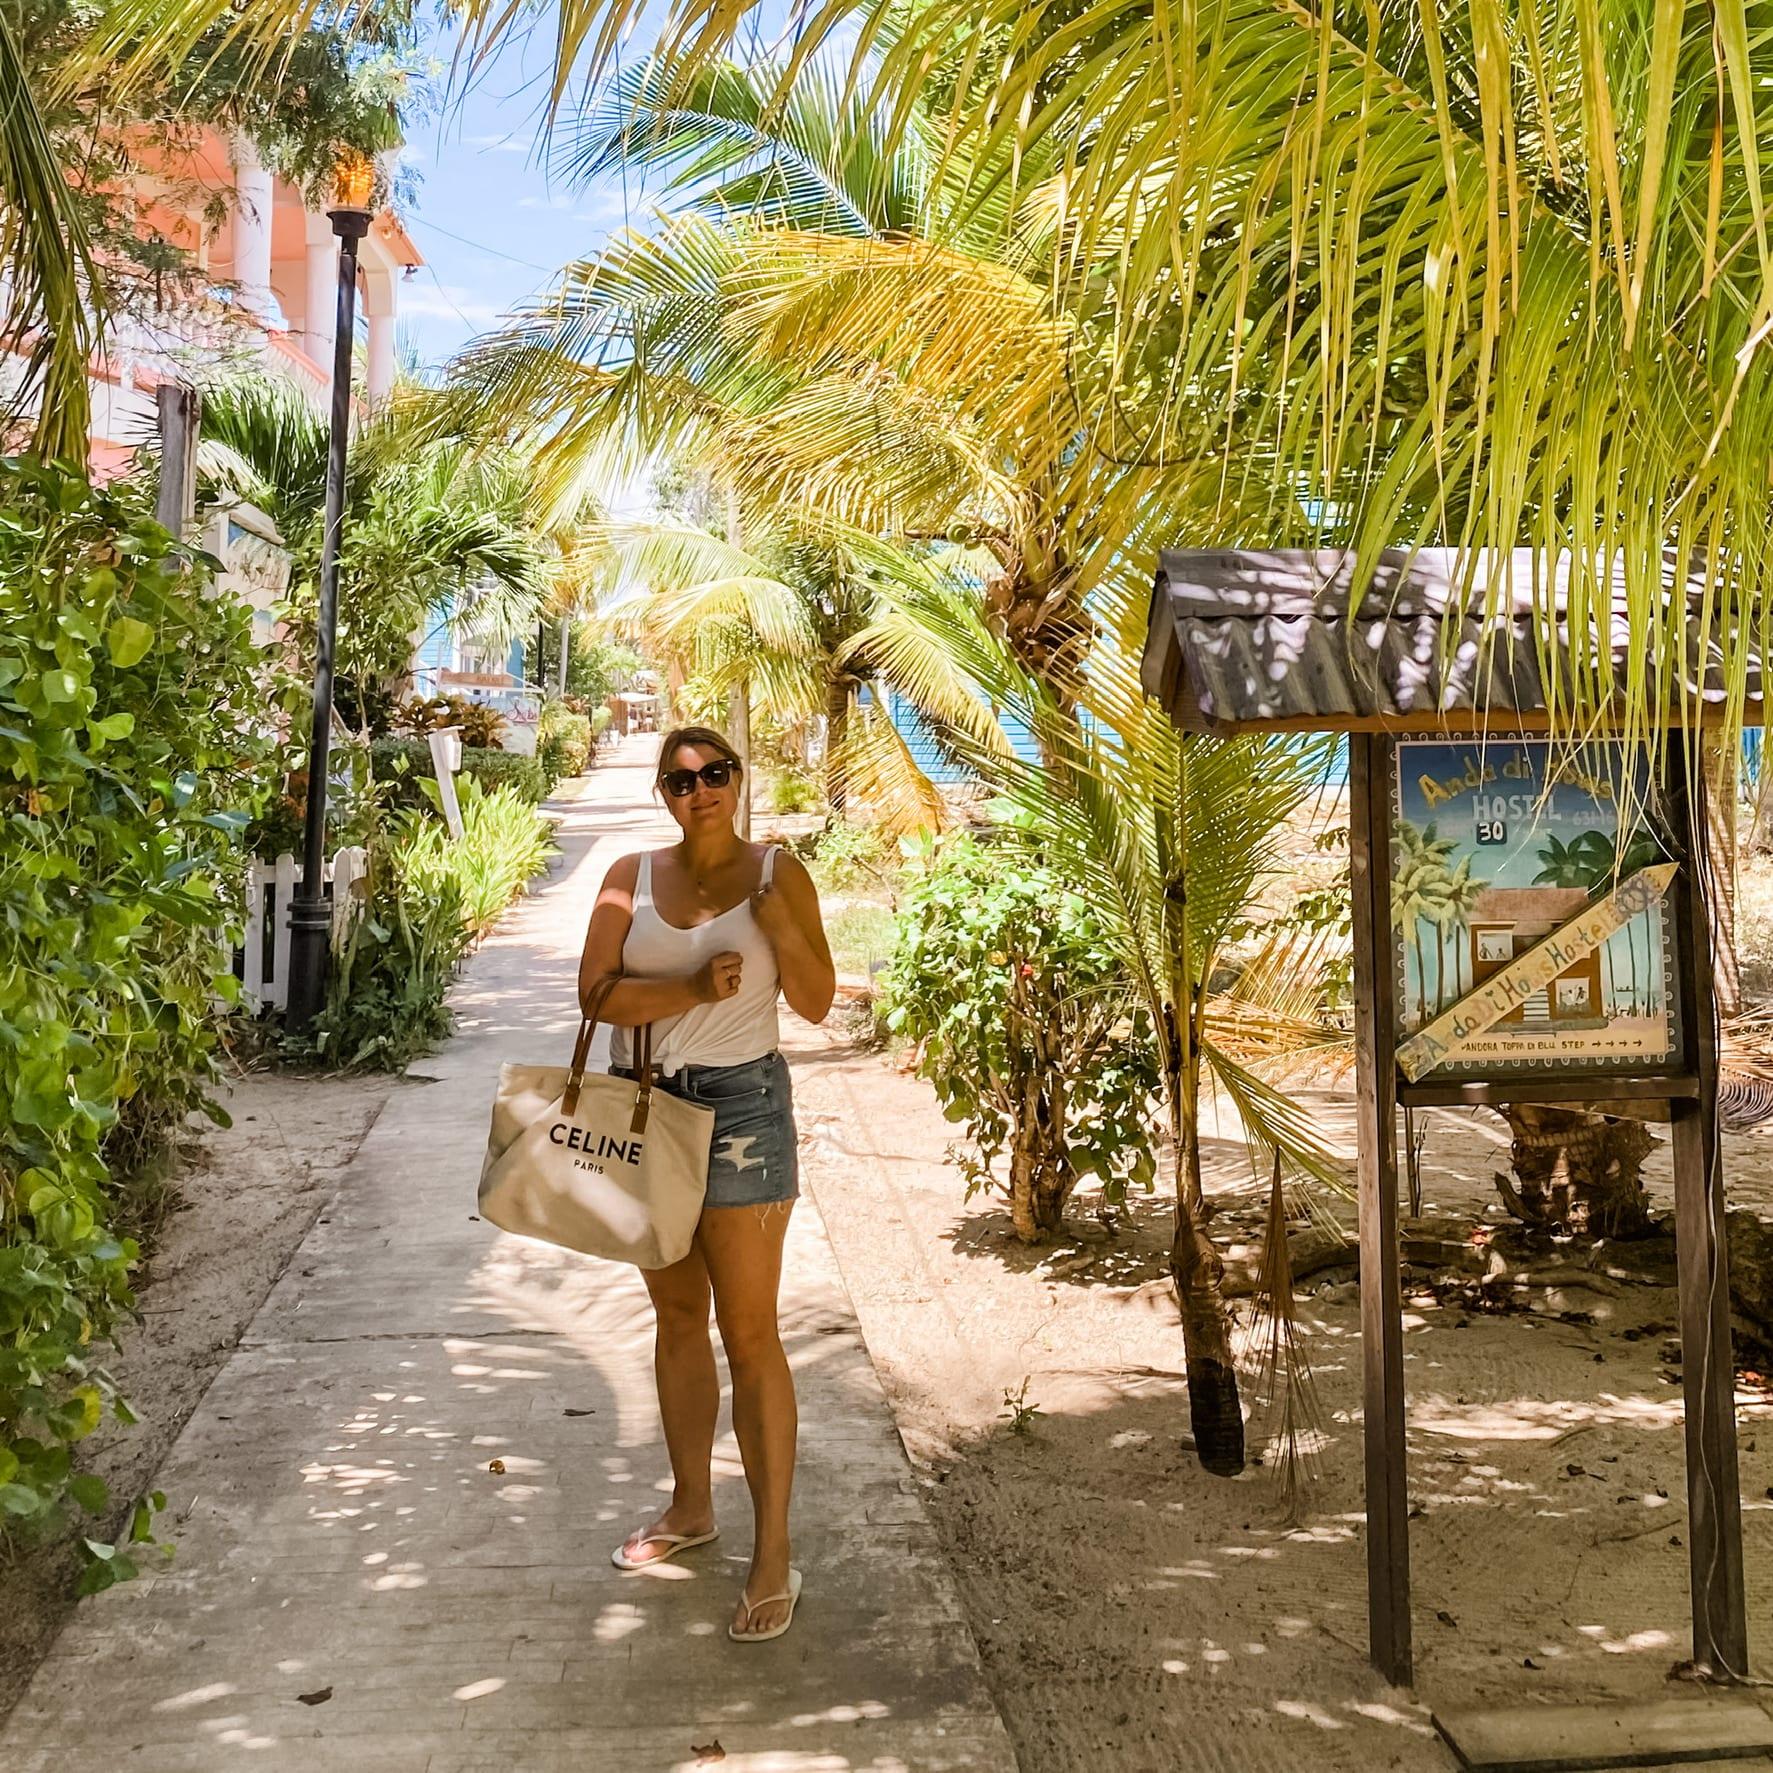 Rosanna stevens belize placencia sidewalk digital nomad